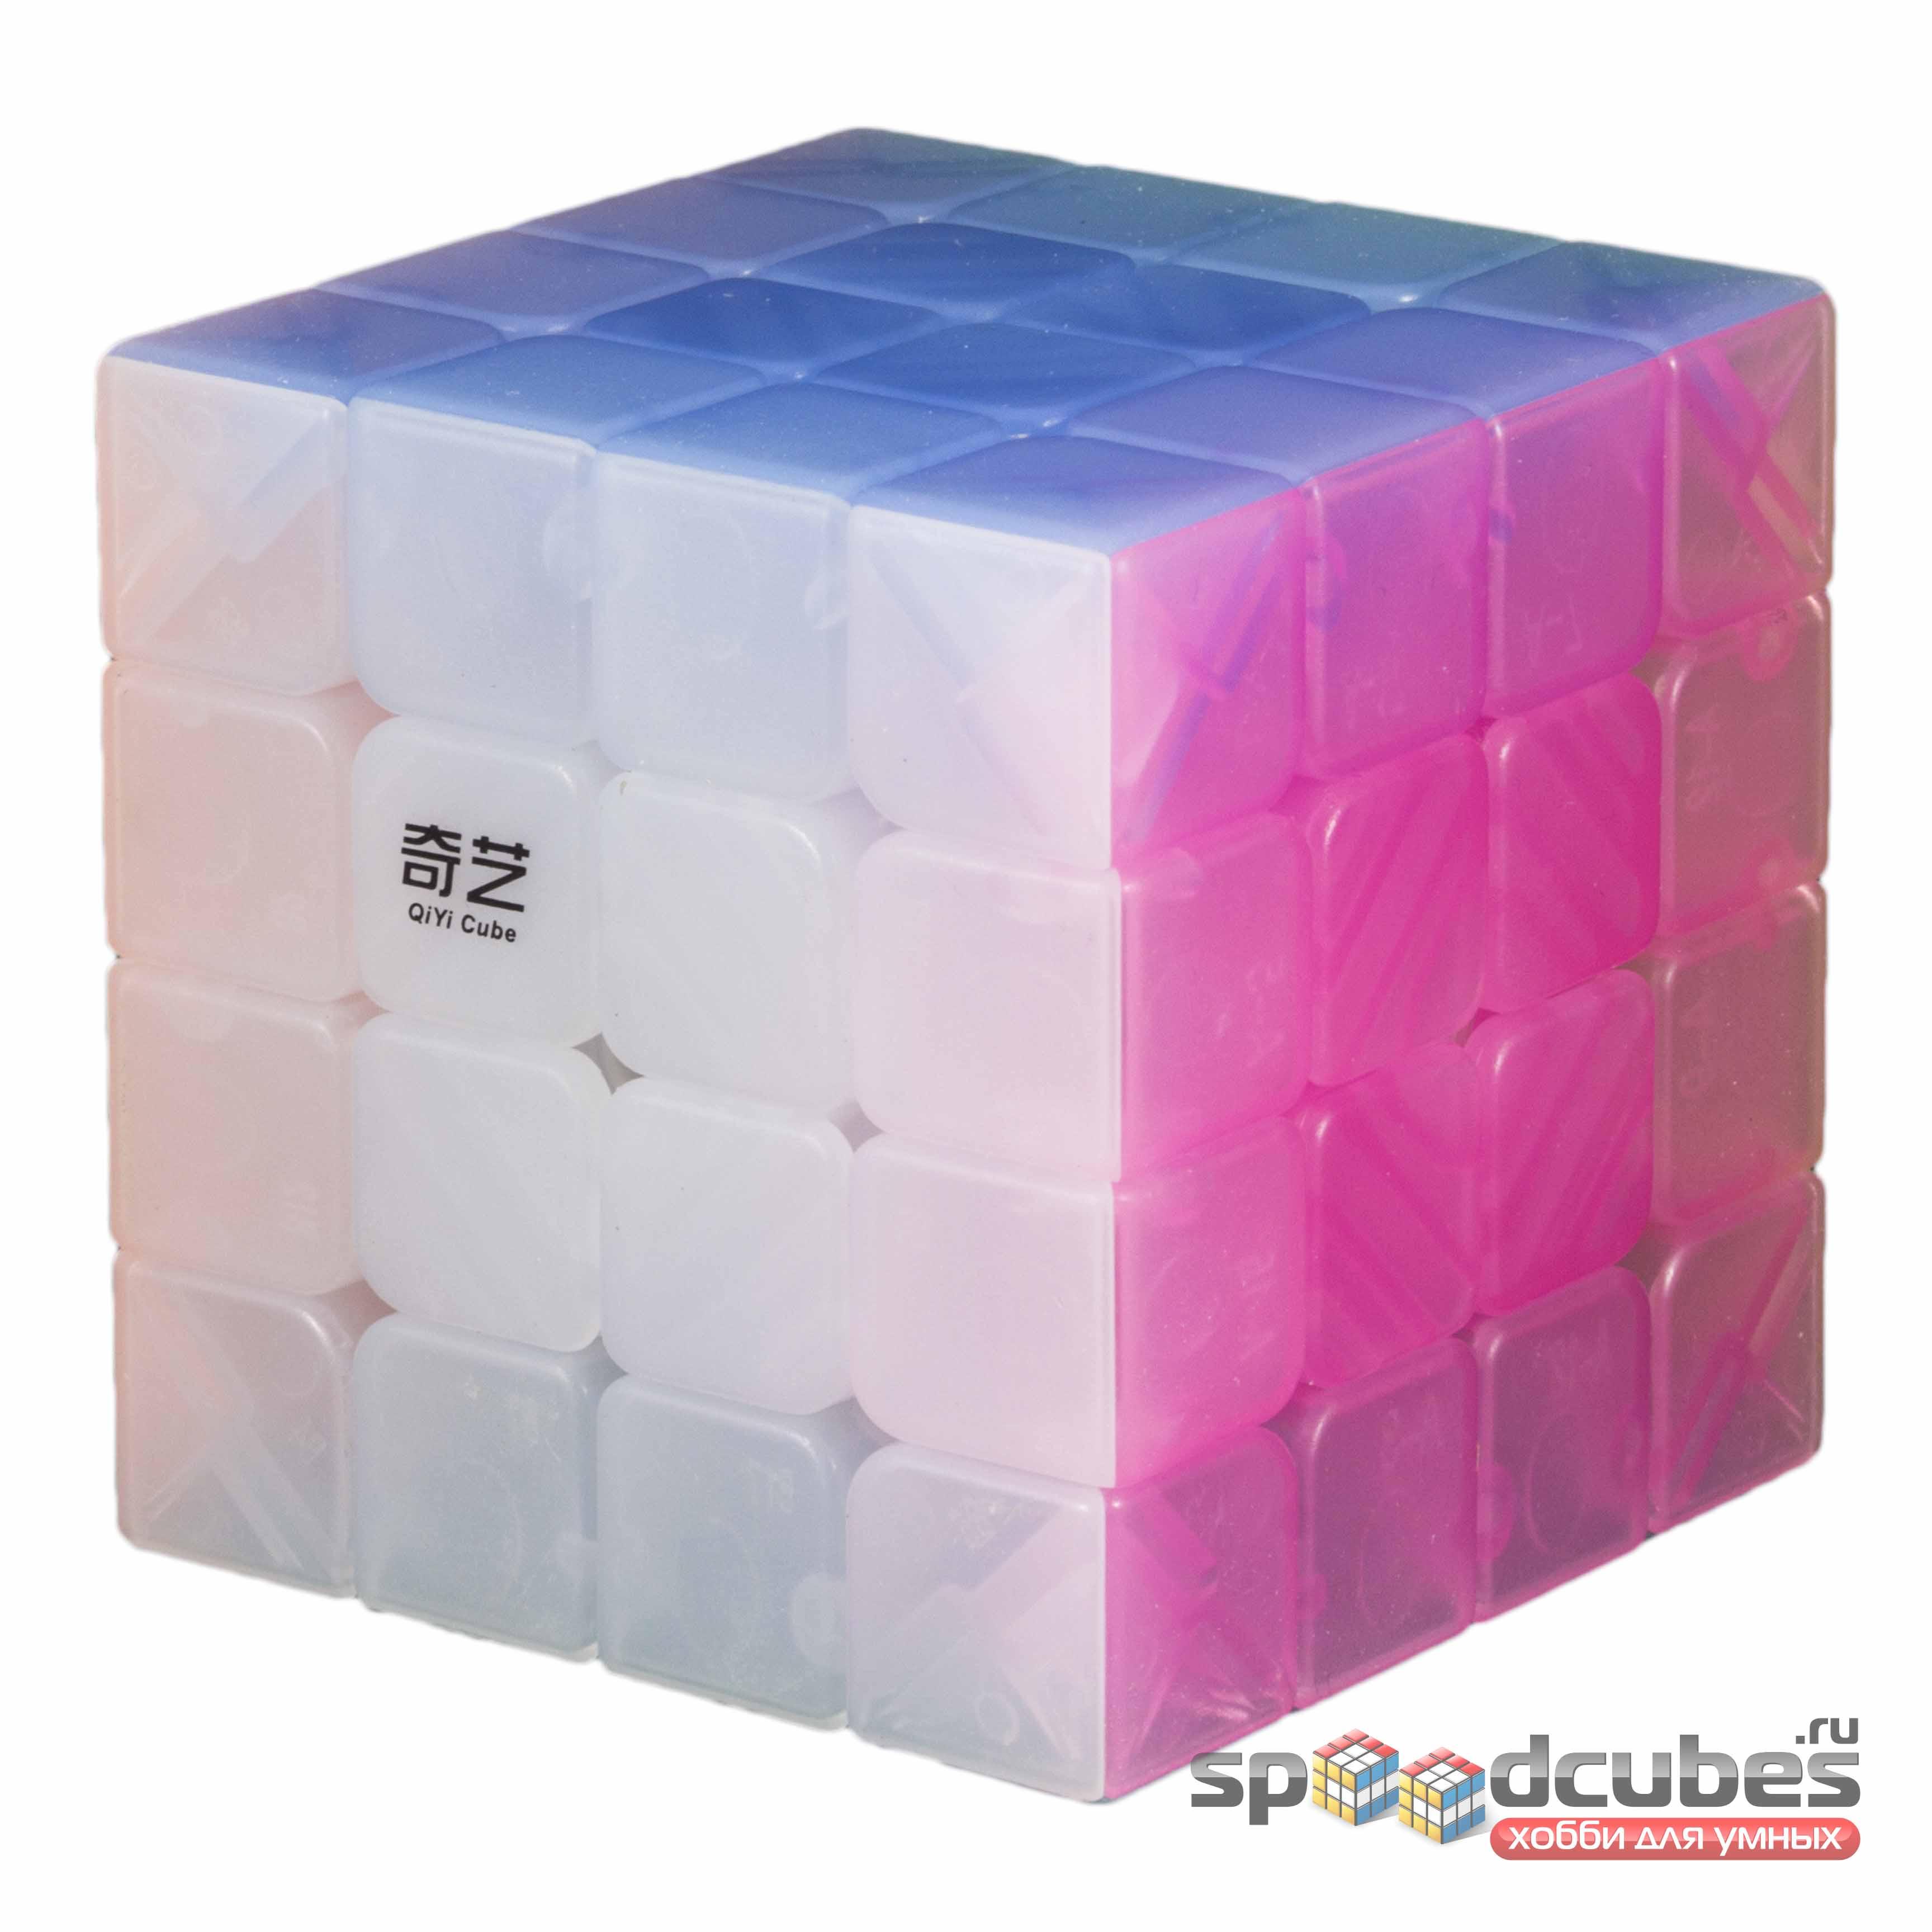 QiYi (MofangGe) 4x4x4 Jelly Cube